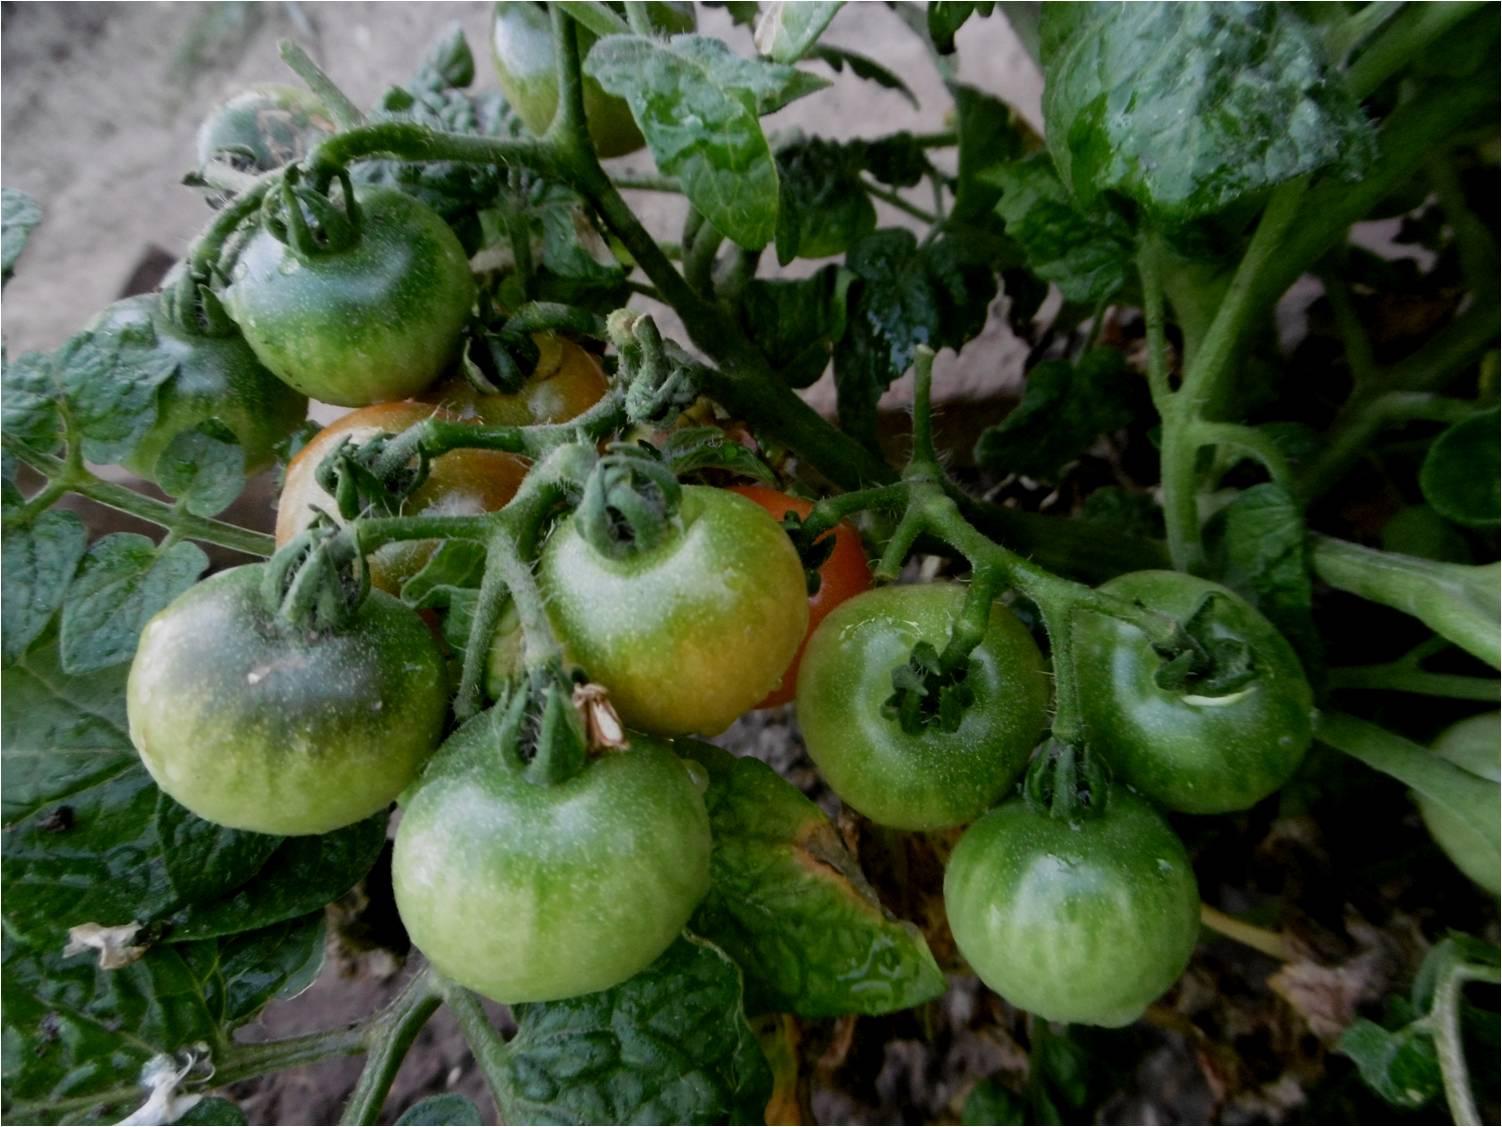 Tomates cherry en maceta great ms imgenes de pack de - Tomates cherry en maceta ...